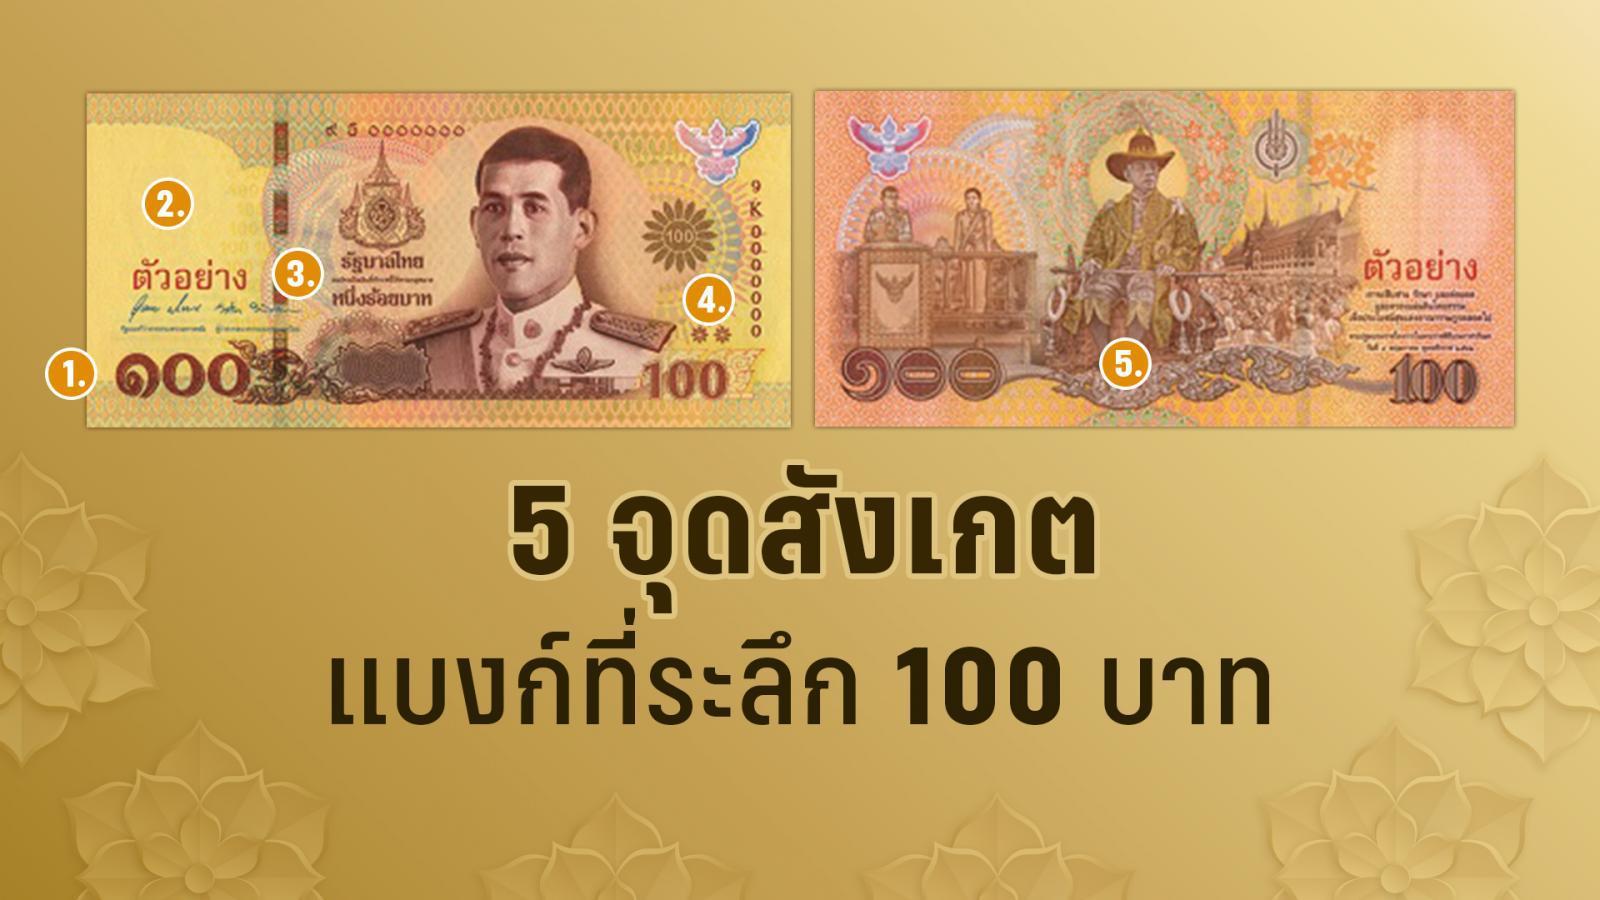 5 จุดสังเกตแบงก์ 100 บาทที่ระลึกฯ หลังคนสับสนกับแบงก์พัน